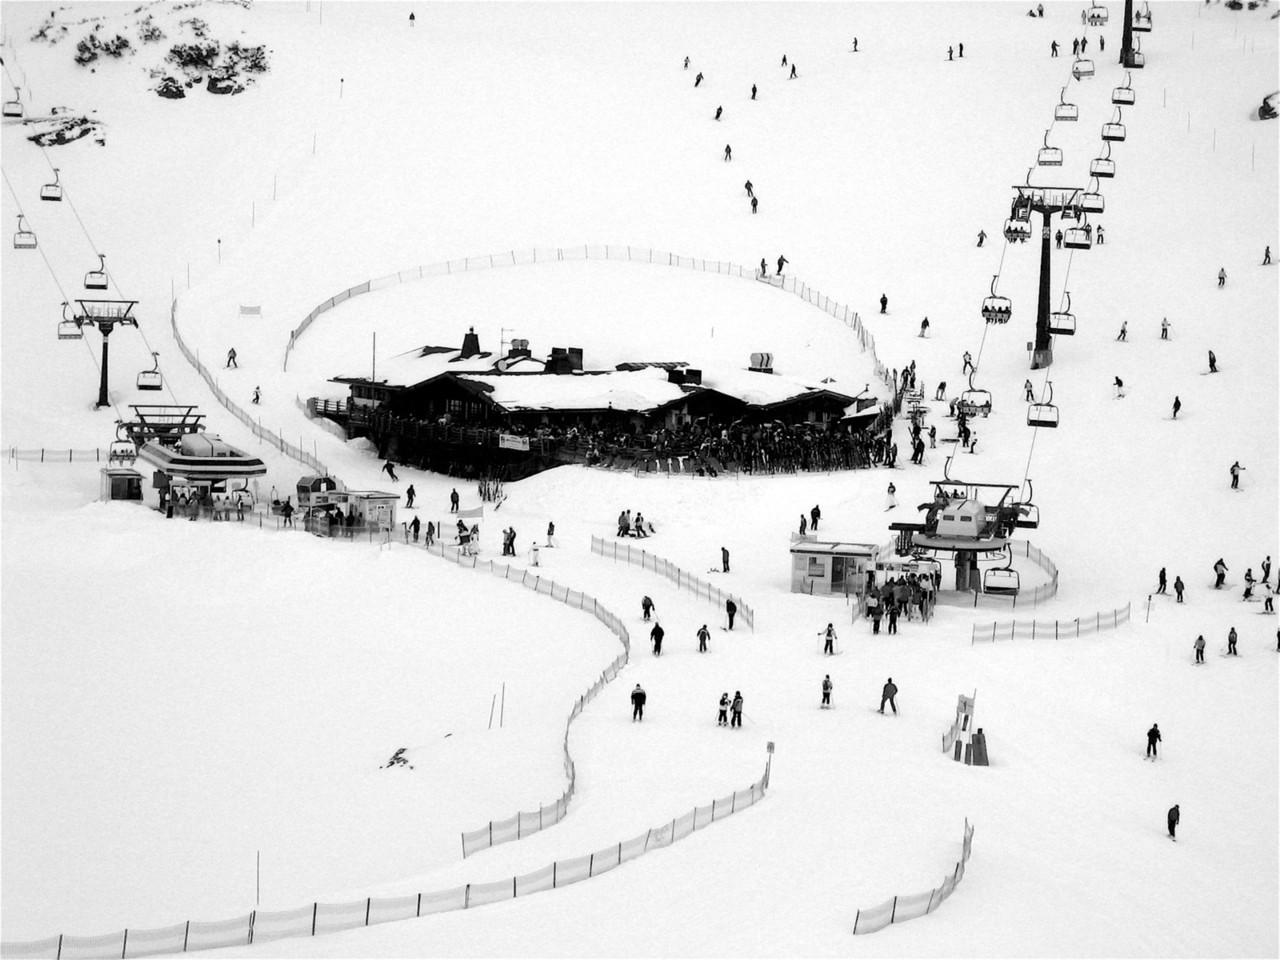 Saalbach Hinterglemm – nieogranioczne trasy narciarskie